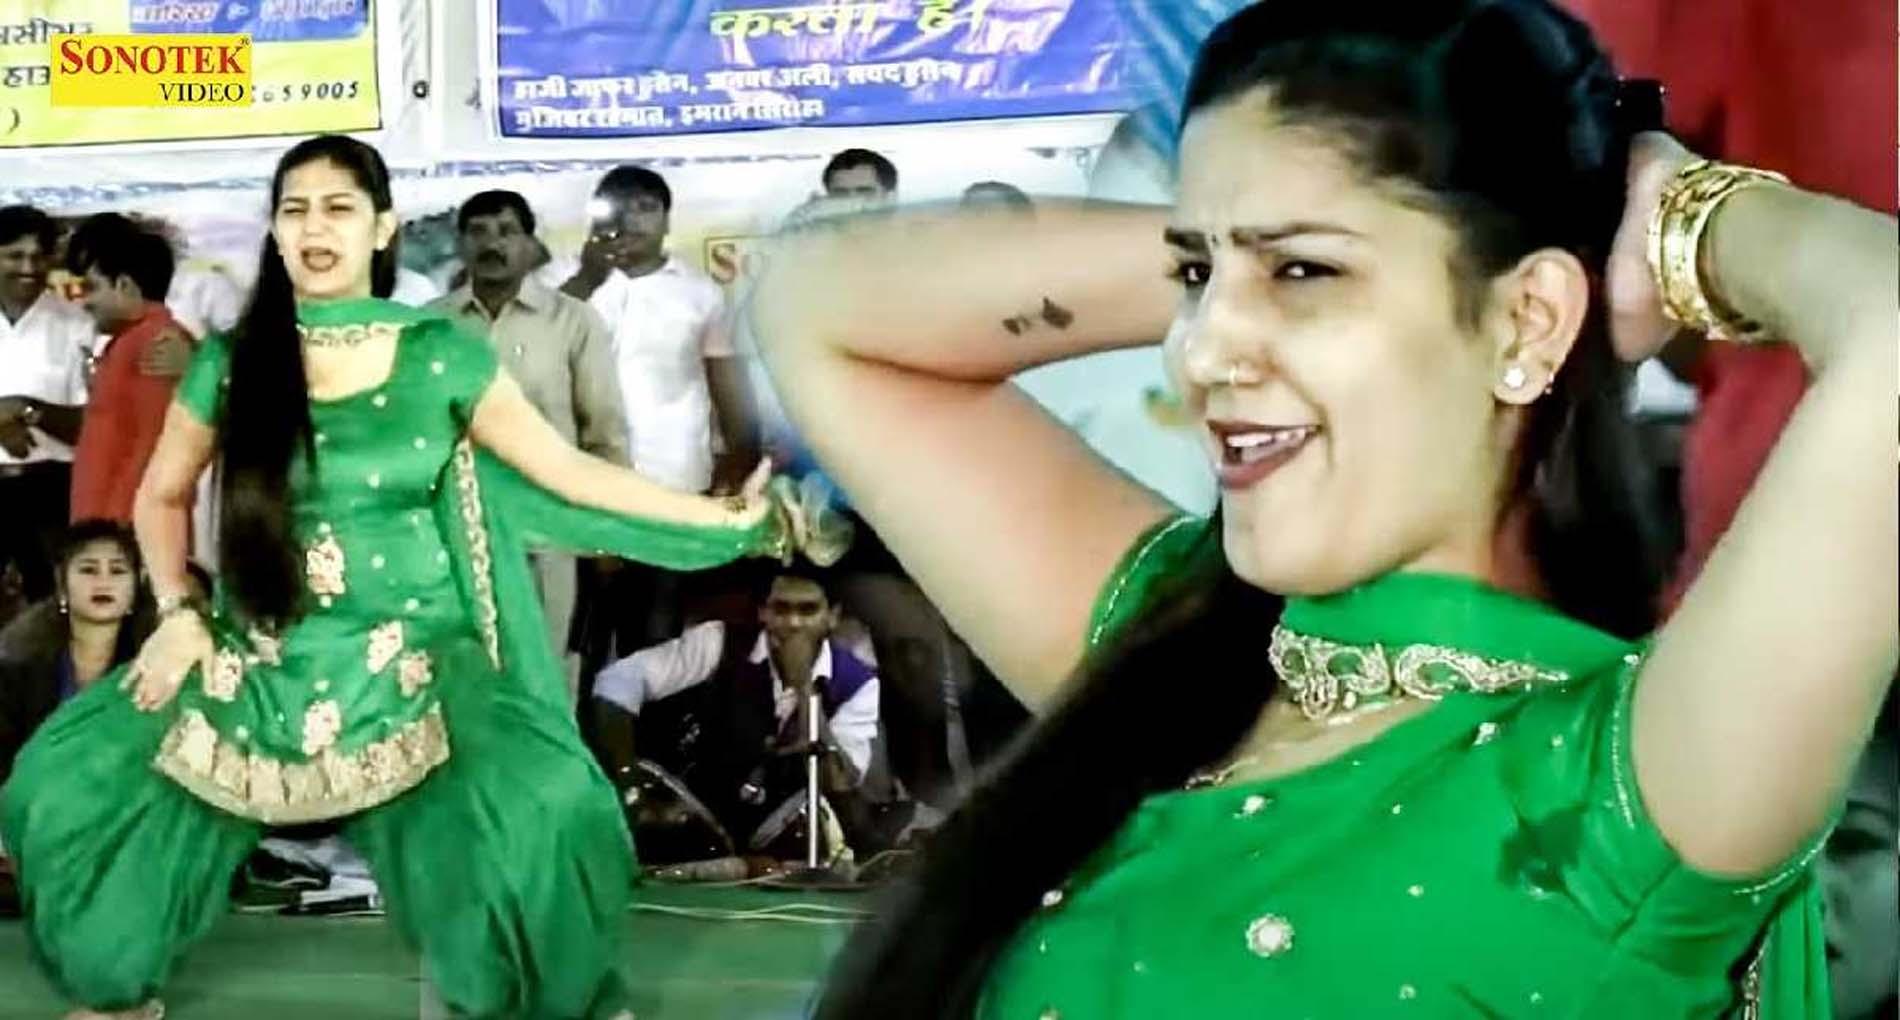 Sapna Chaudhary Song:'बुद्धू बलमा' गाने पर सपना चौधरी ने किया धमाकेदार डांस! हिट हुआ वीडियो